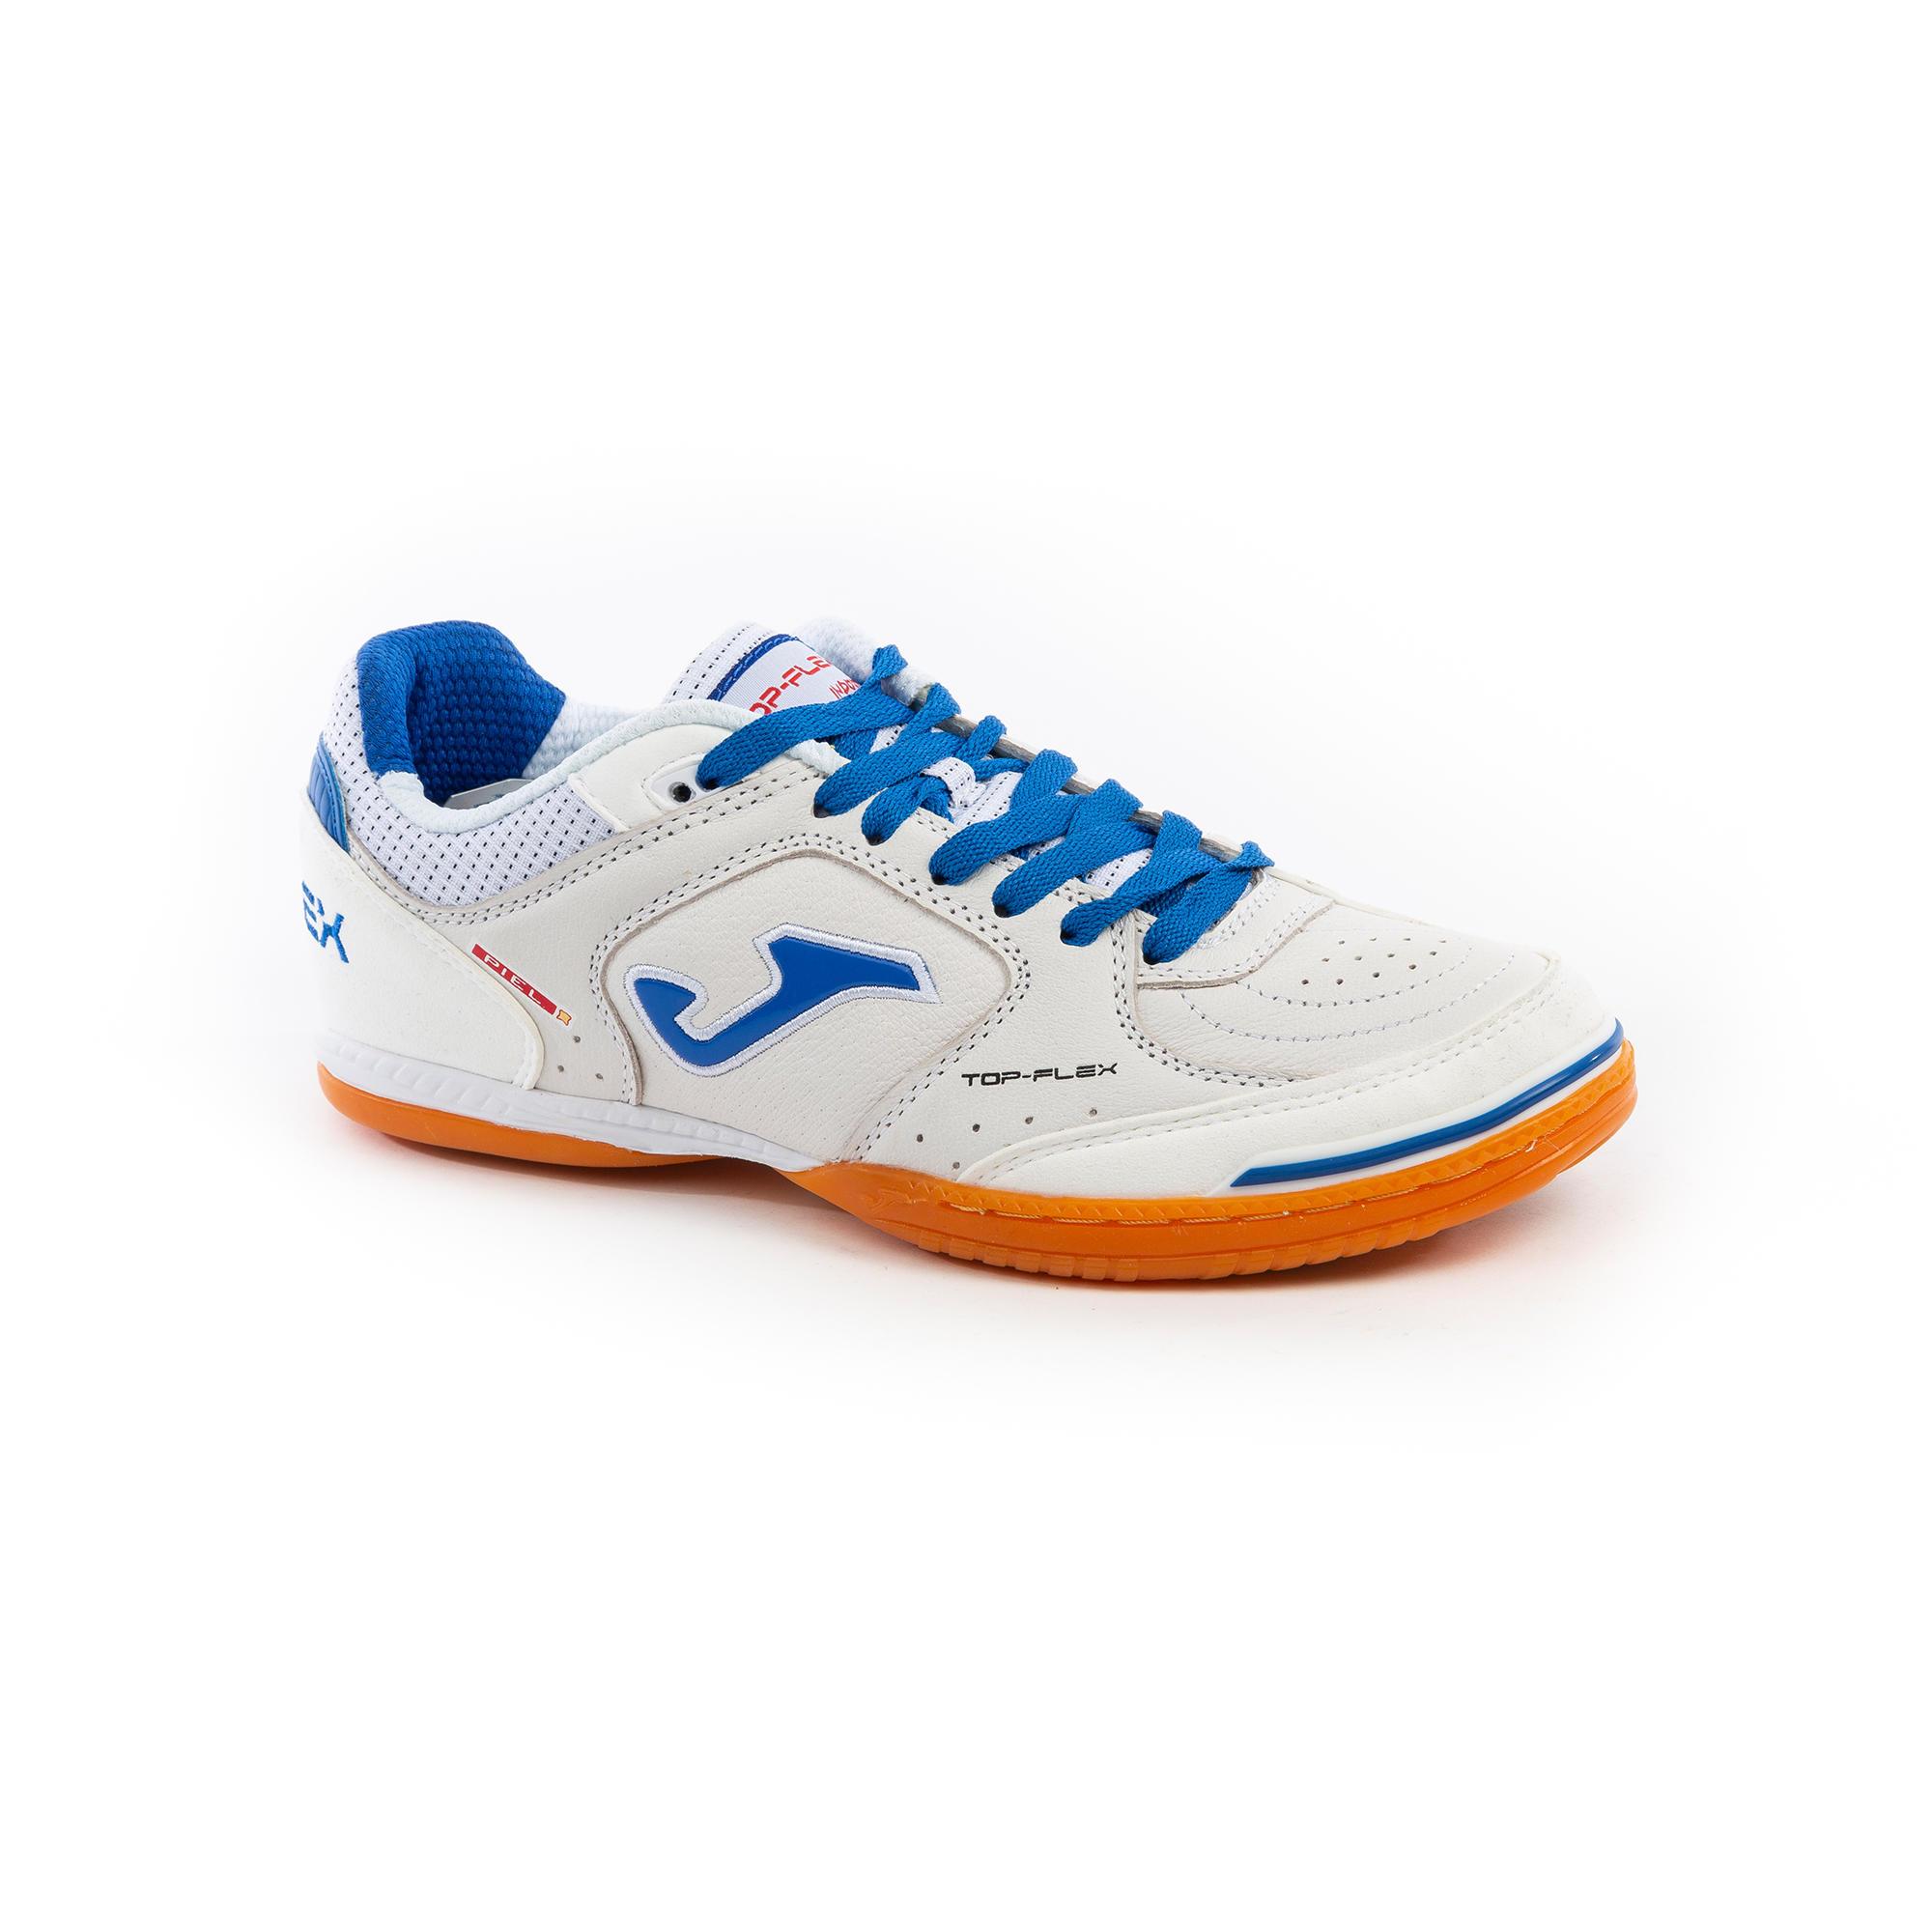 zapatos joma el salvador online